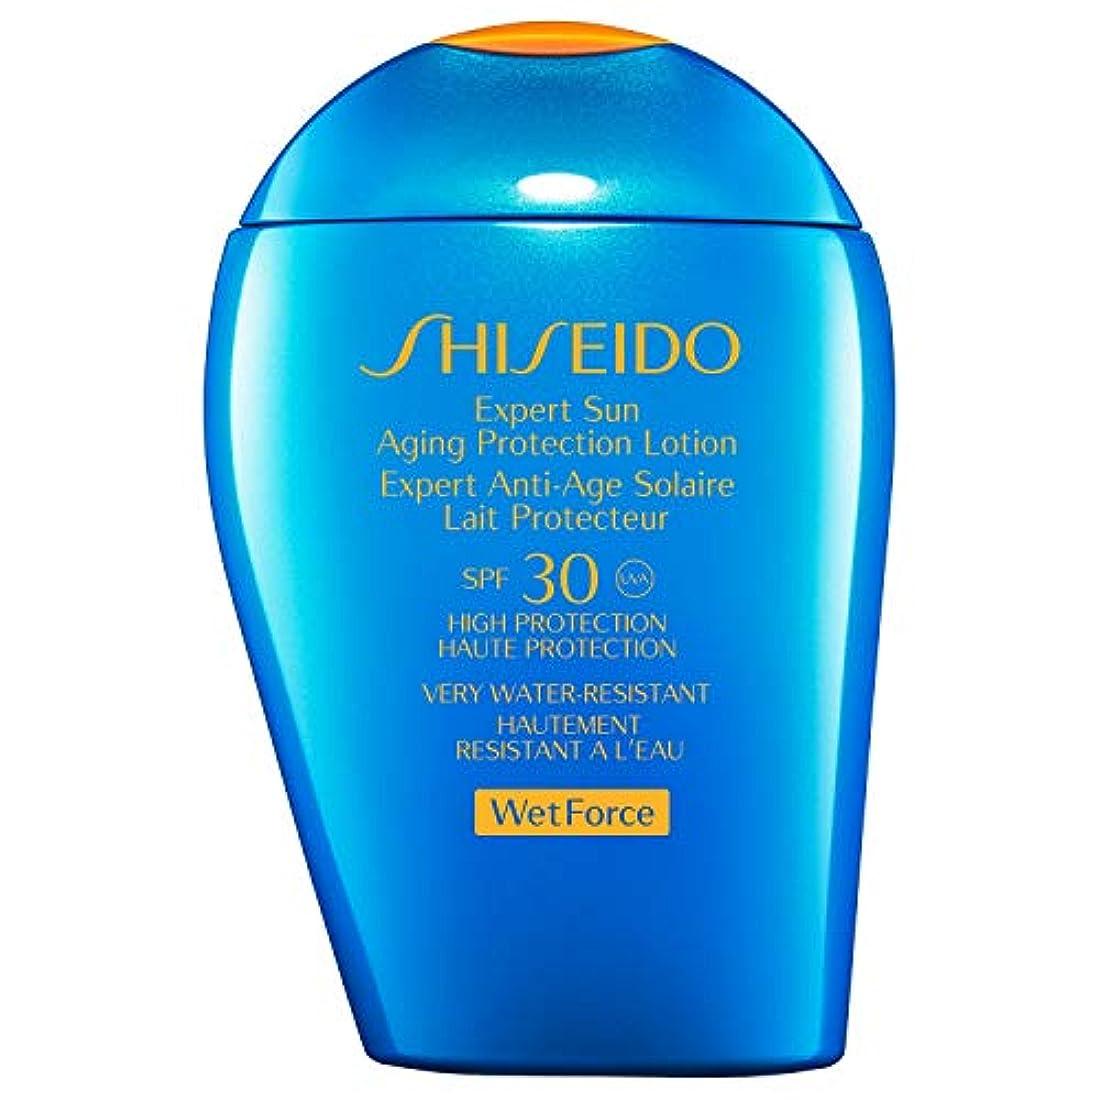 傾いた比べる状態[Shiseido] 保護ローションSpf 30 100ミリリットルを老化専門日Wetforce資生堂 - Shiseido Wetforce Expert Sun Aging Protection Lotion Spf...